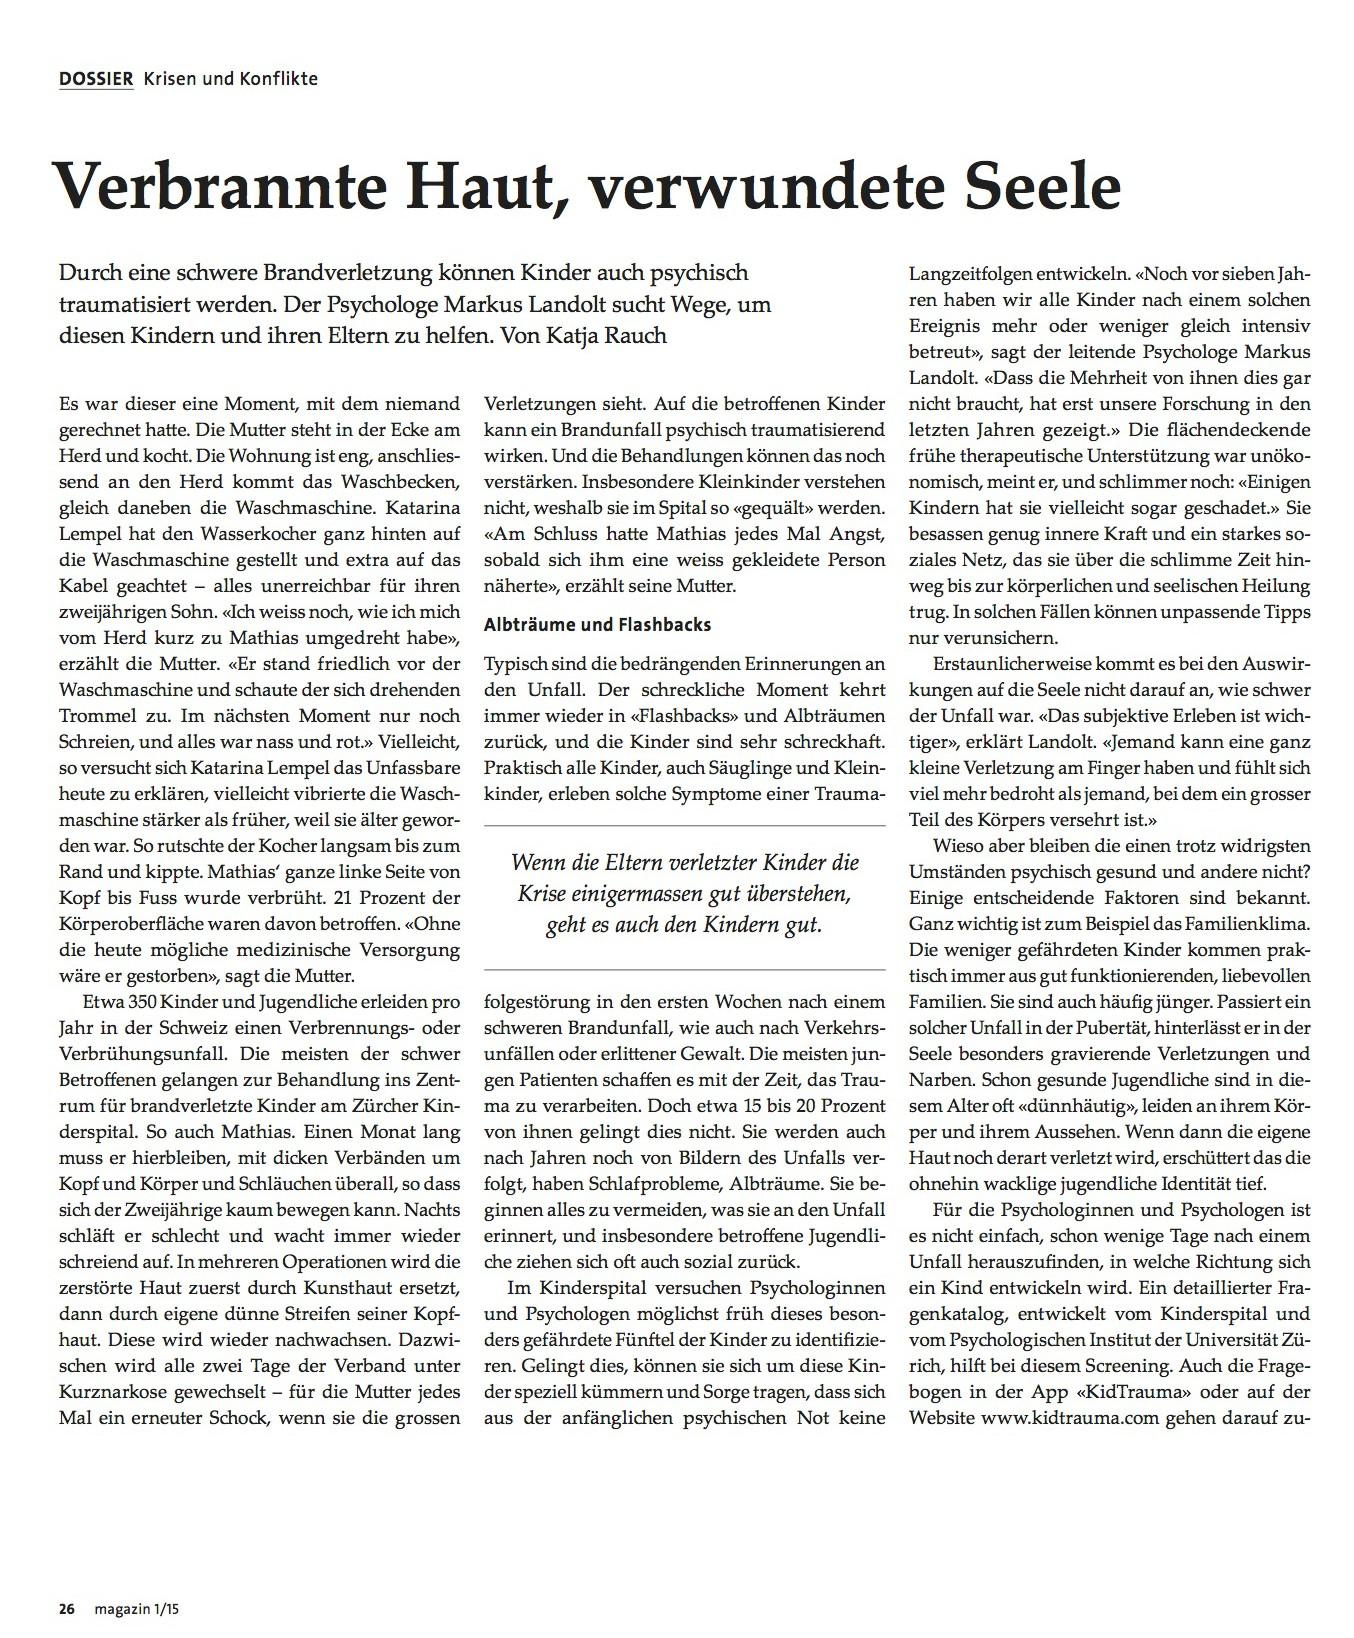 uzh_magazin_Seite1